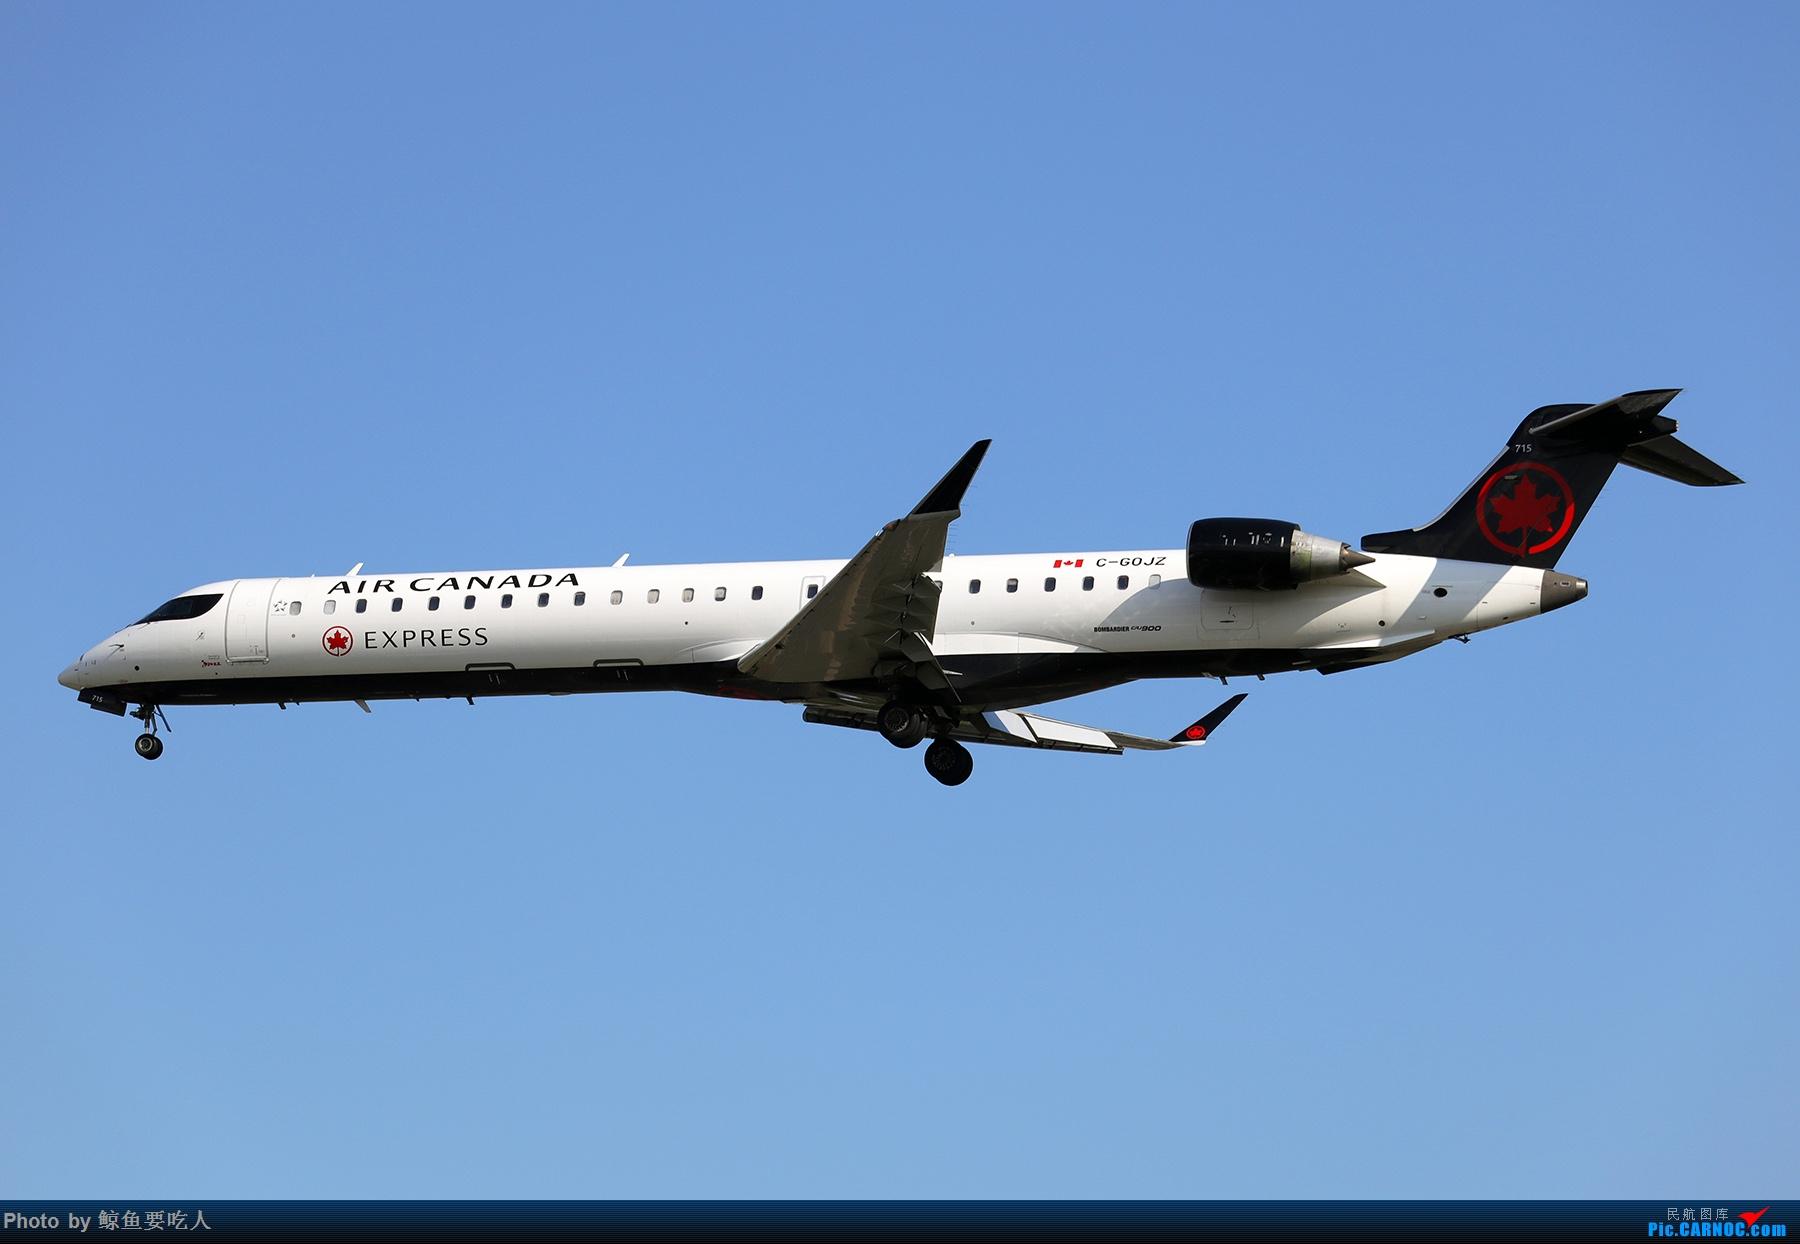 Re:[原创]【多图党】见证疫情后逐步的恢复,加拿大夏日多伦多皮尔逊机场拍机~ 乐见诸航空公司复航多伦多 BOMBARDIER CRJ-900 C-GOJZ 多伦多皮尔逊国际机场